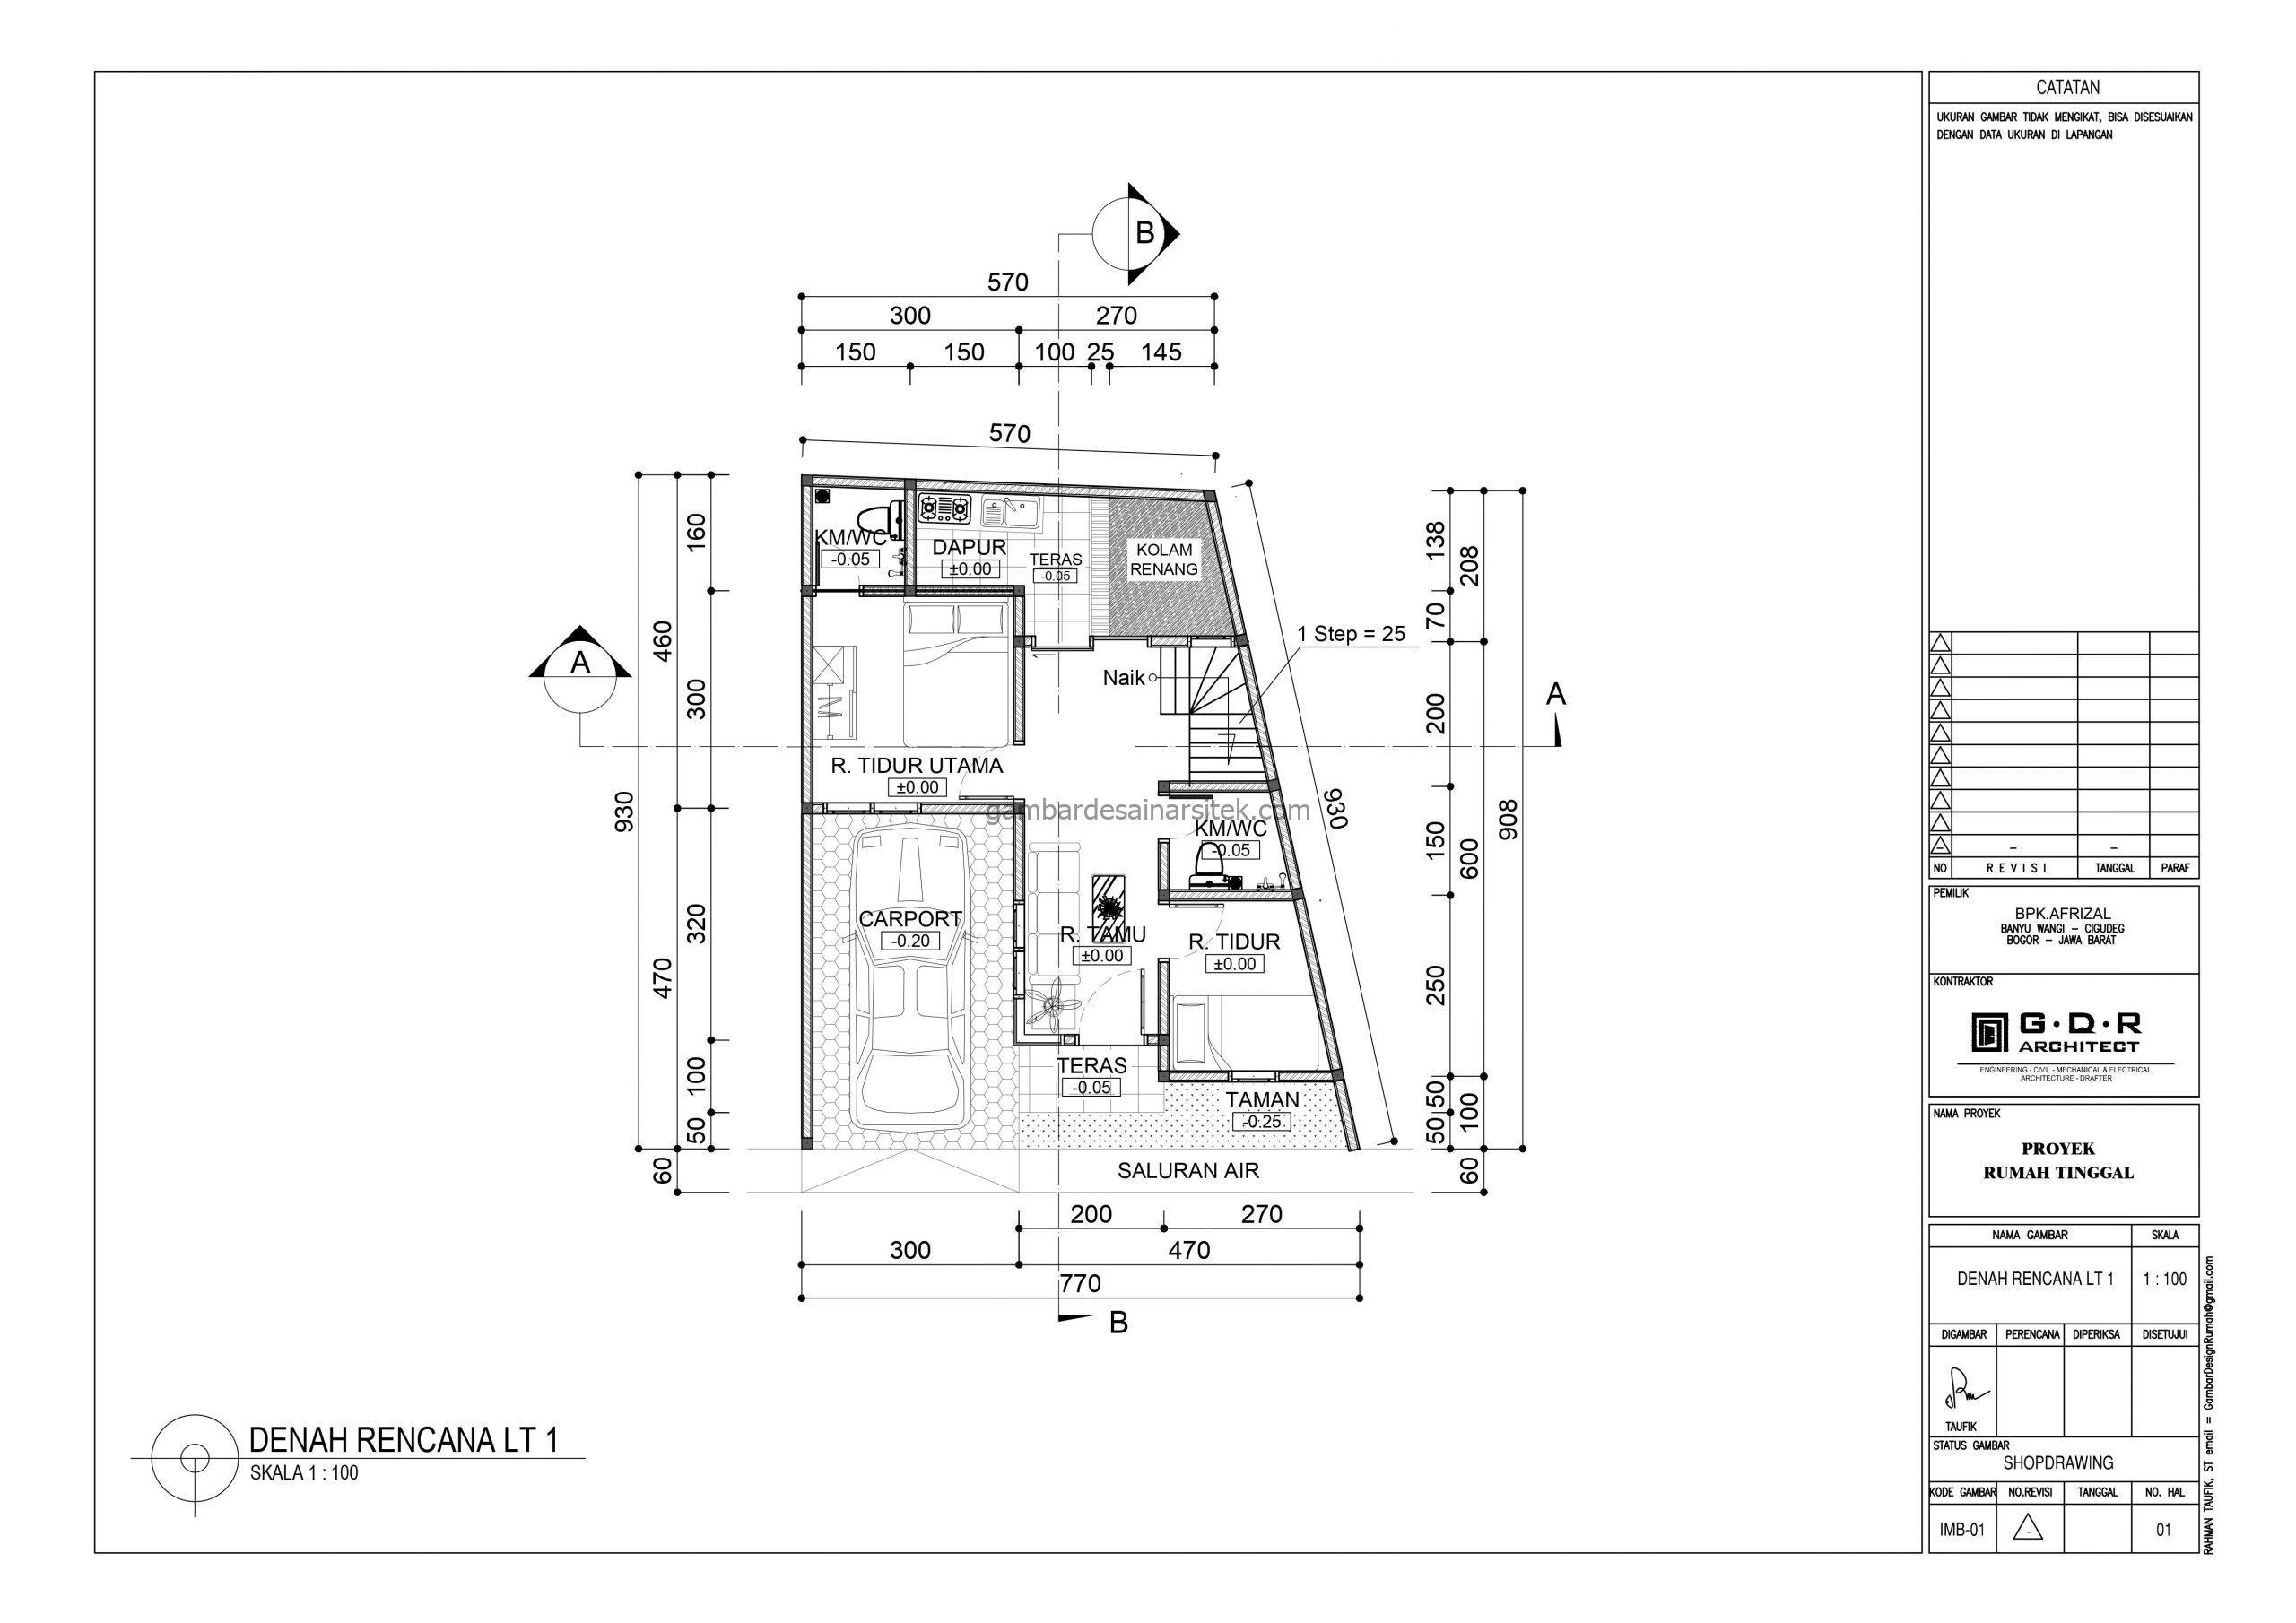 Denah lantai 1 Gambar Desain Rumah 2 Lantai Cat Ungu 1 scaled